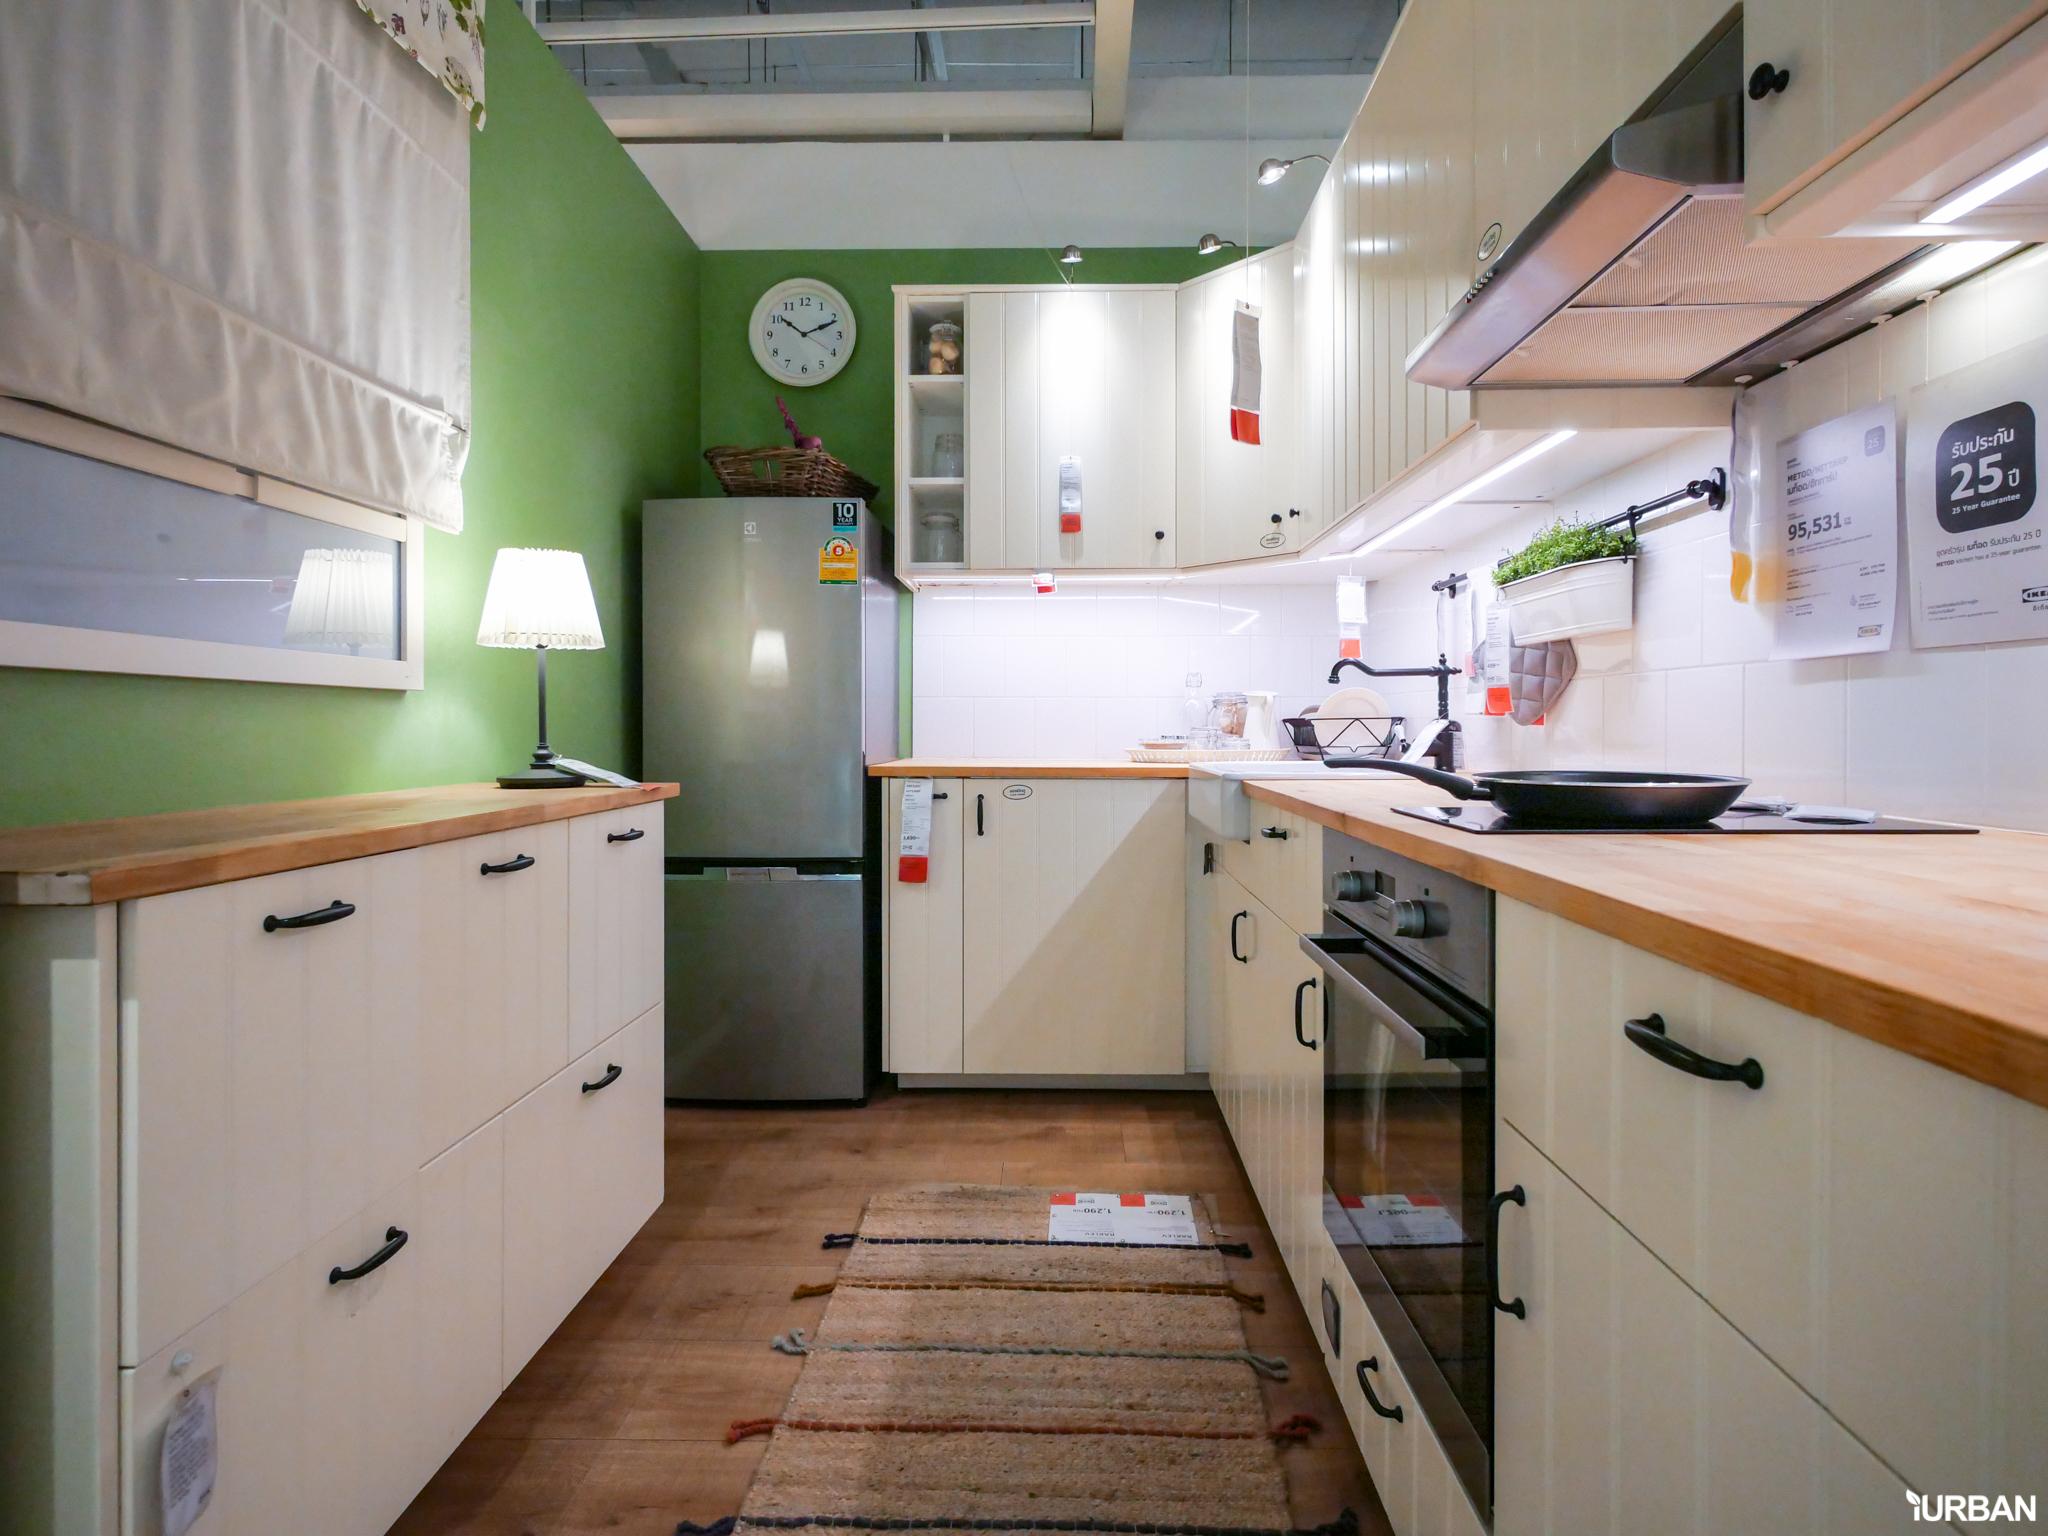 9 เหตุผลที่คนเลือกชุดครัวอิเกีย และโอกาสที่จะมีครัวในฝัน IKEA METOD/เมท็อด โปรนี้ดีที่สุดแล้ว #ถึง17มีนา 56 - IKEA (อิเกีย)